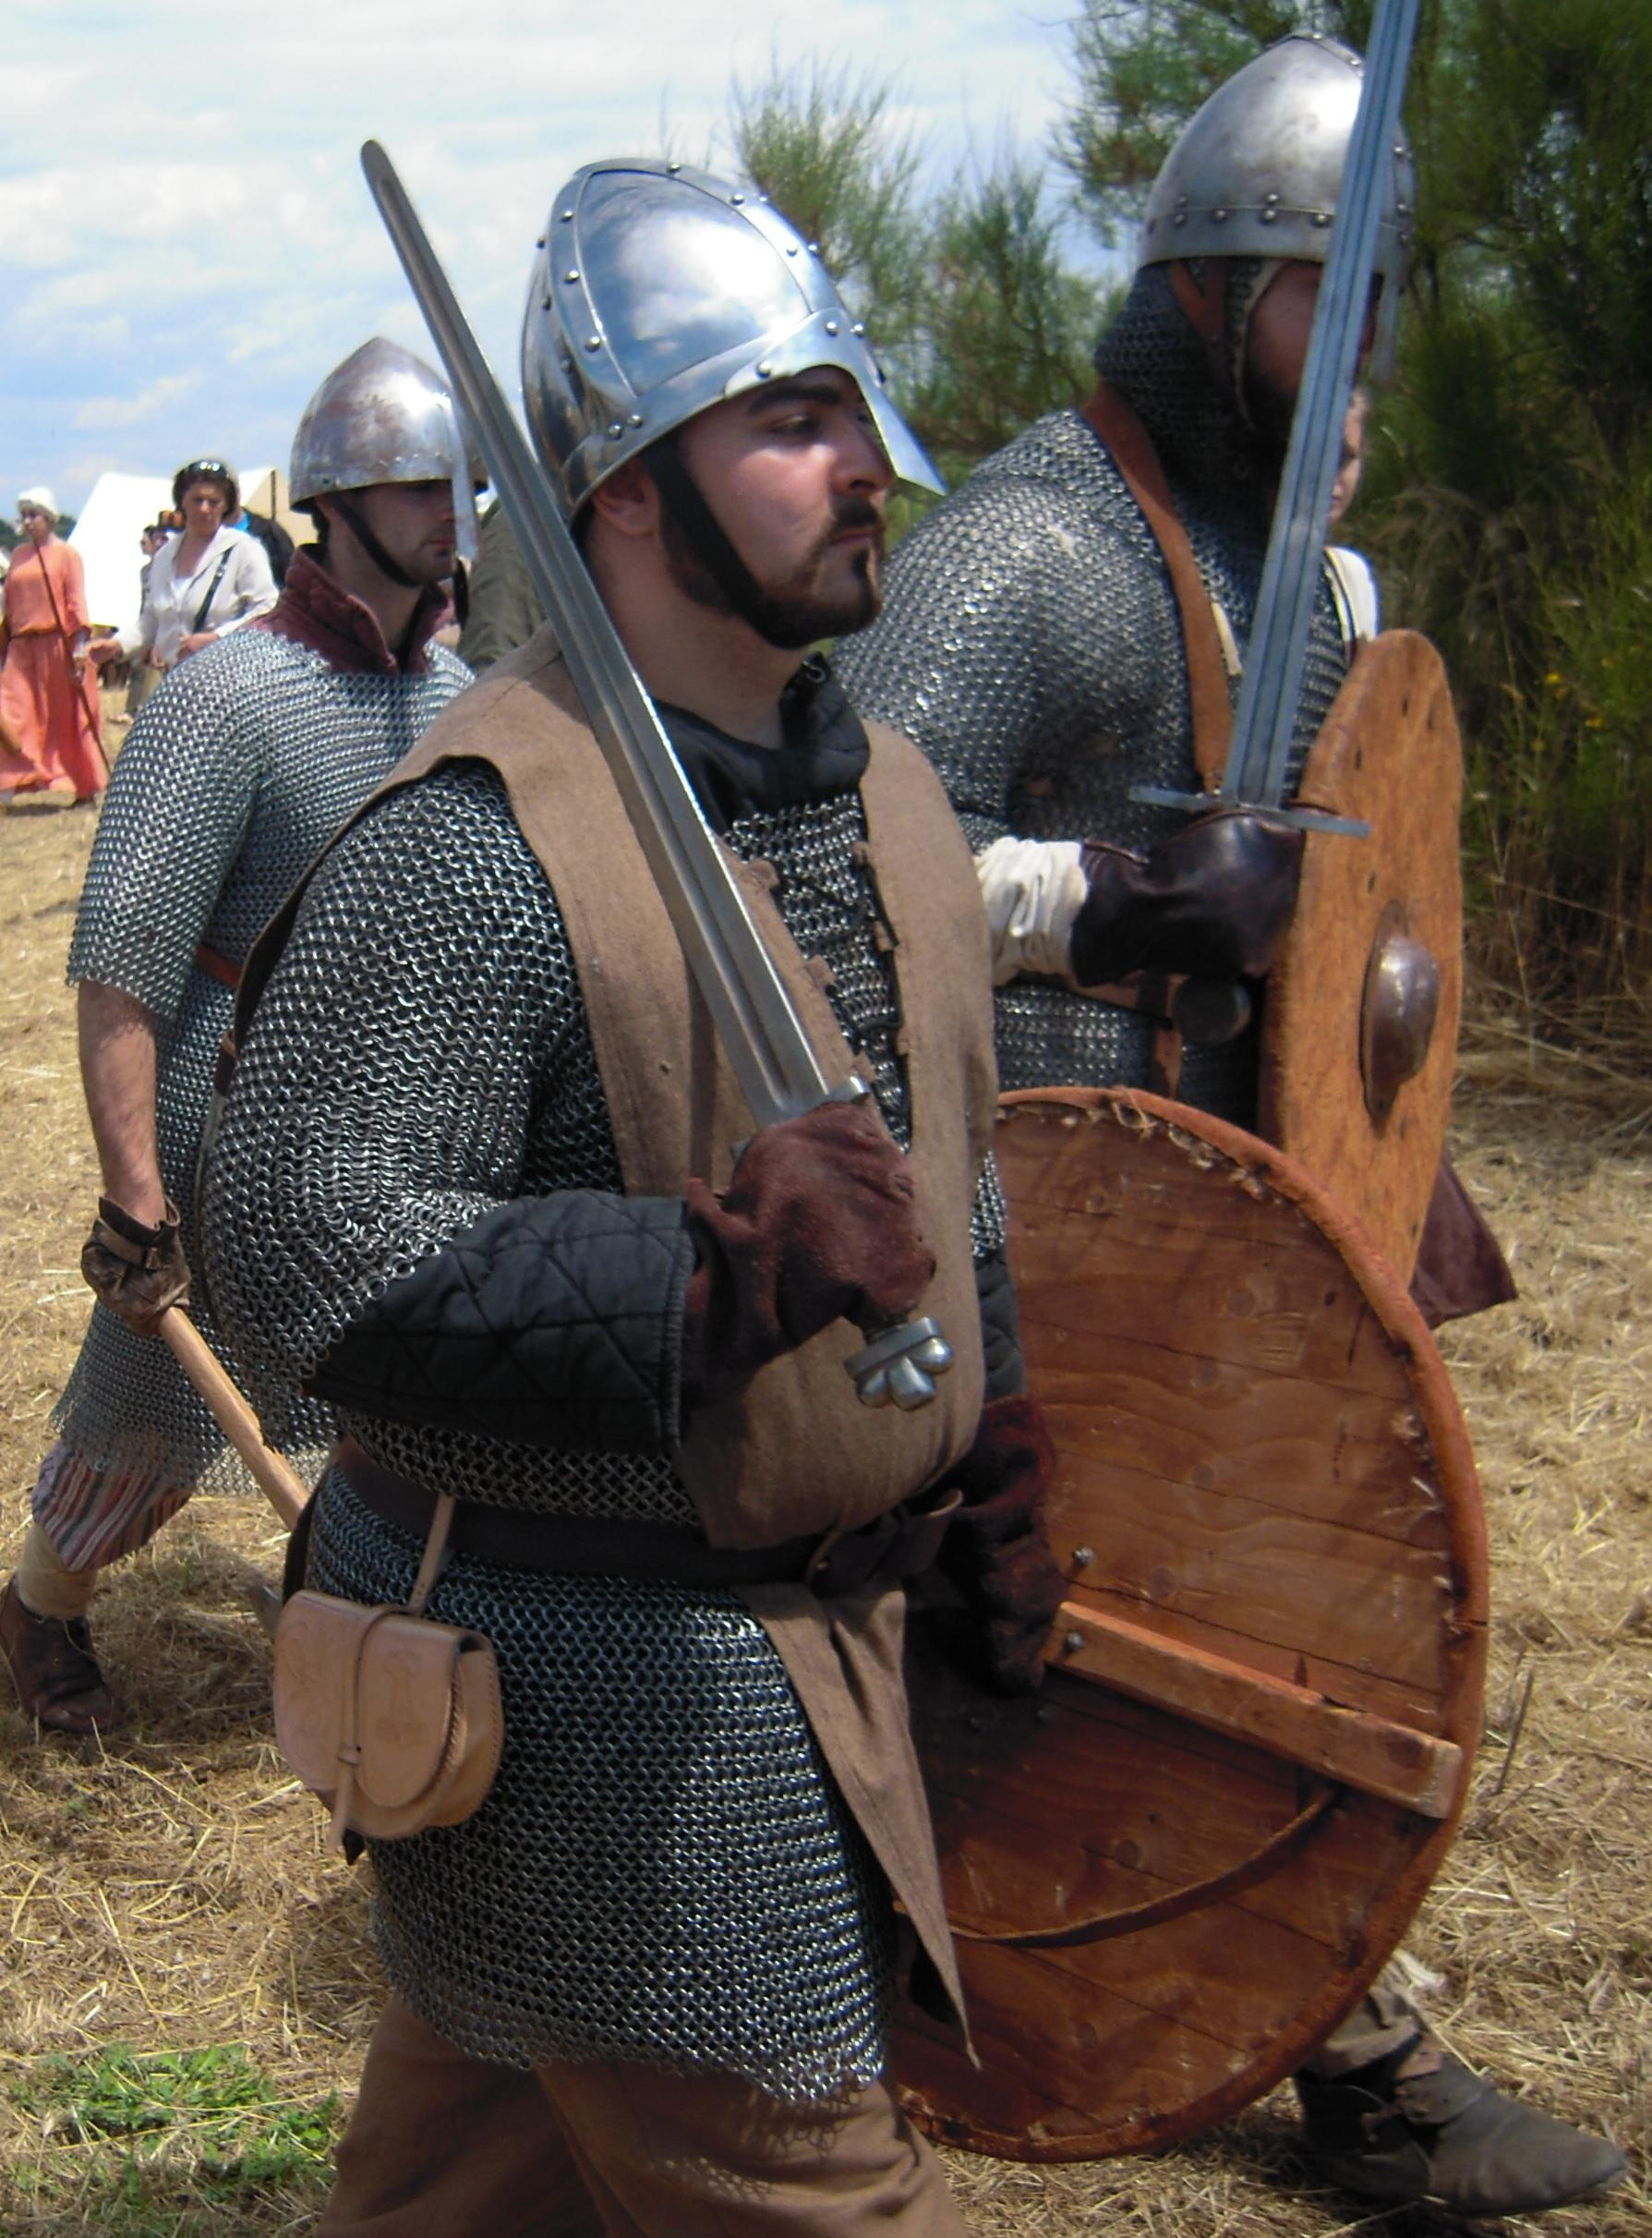 Rievocazione di guerrieri vichinghi o normanni